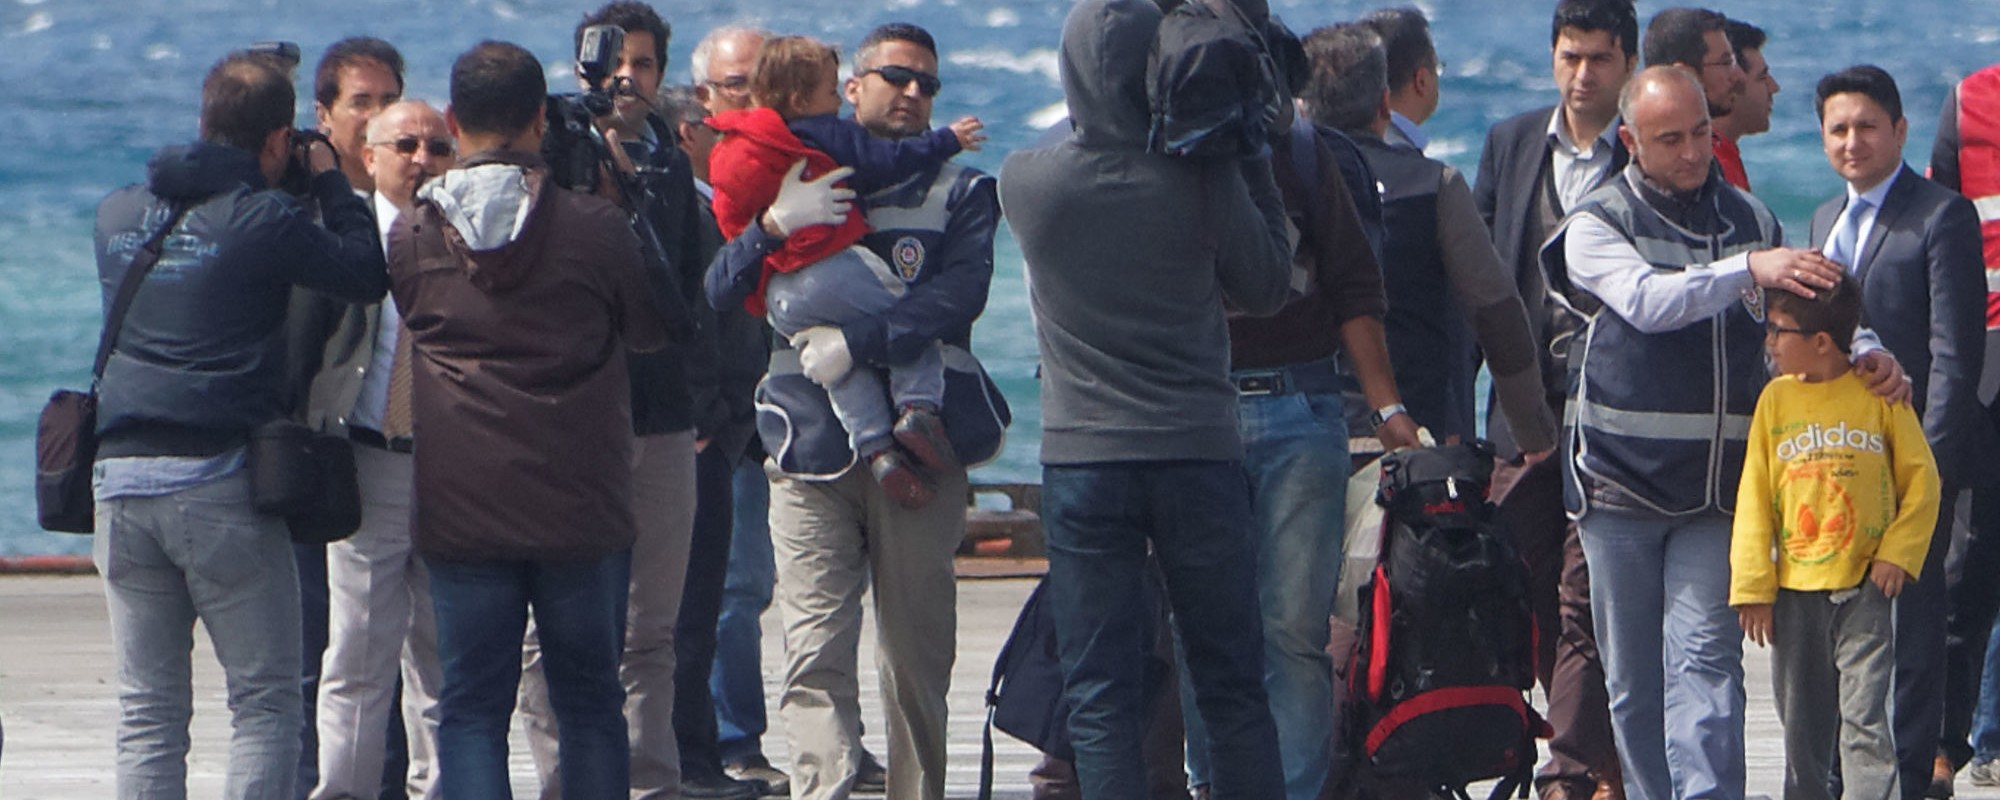 So sieht es aus, wenn die EU Kinder in die Türkei abschiebt